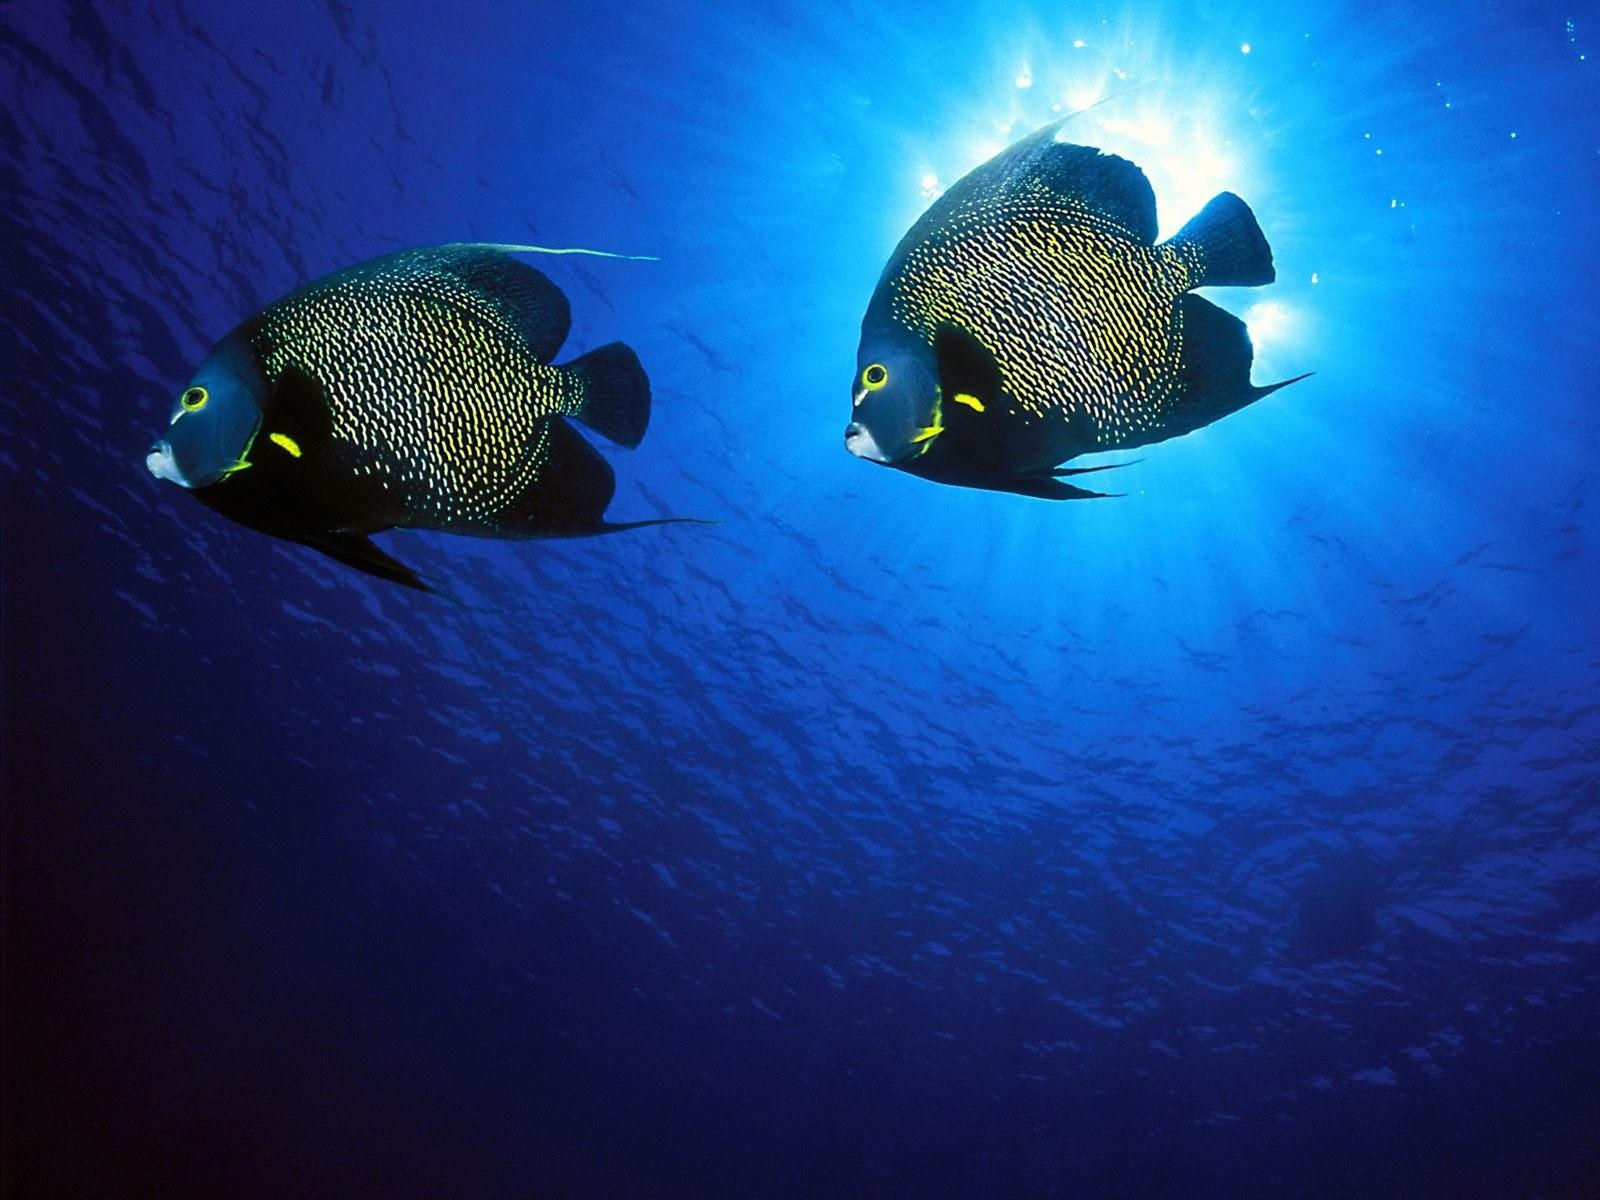 Две рыбки в море